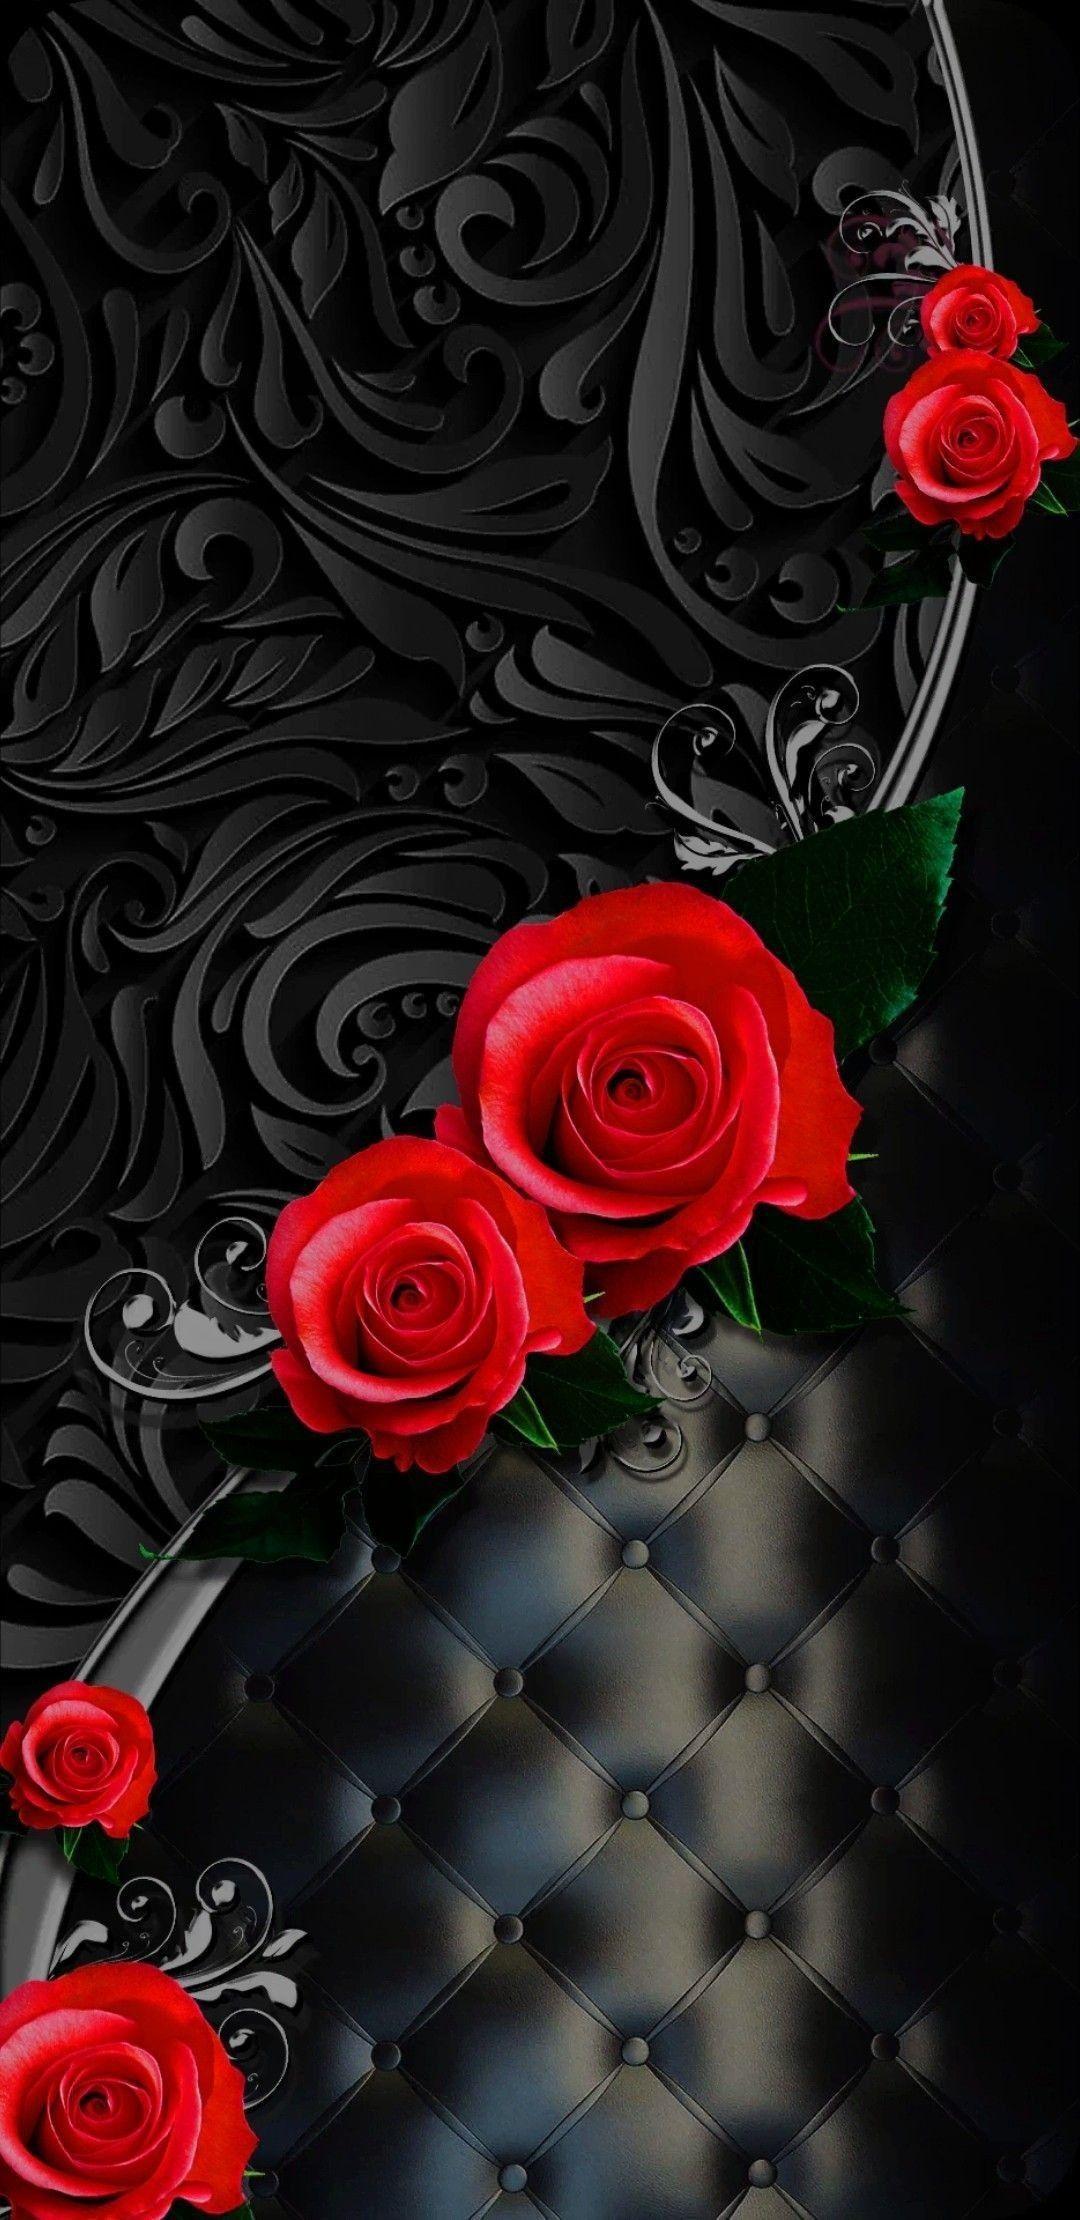 Elegant Rose Flowers Wallpaper For Mobile Flower Wallpaper Best Flower Wallpaper Rose Wallpaper